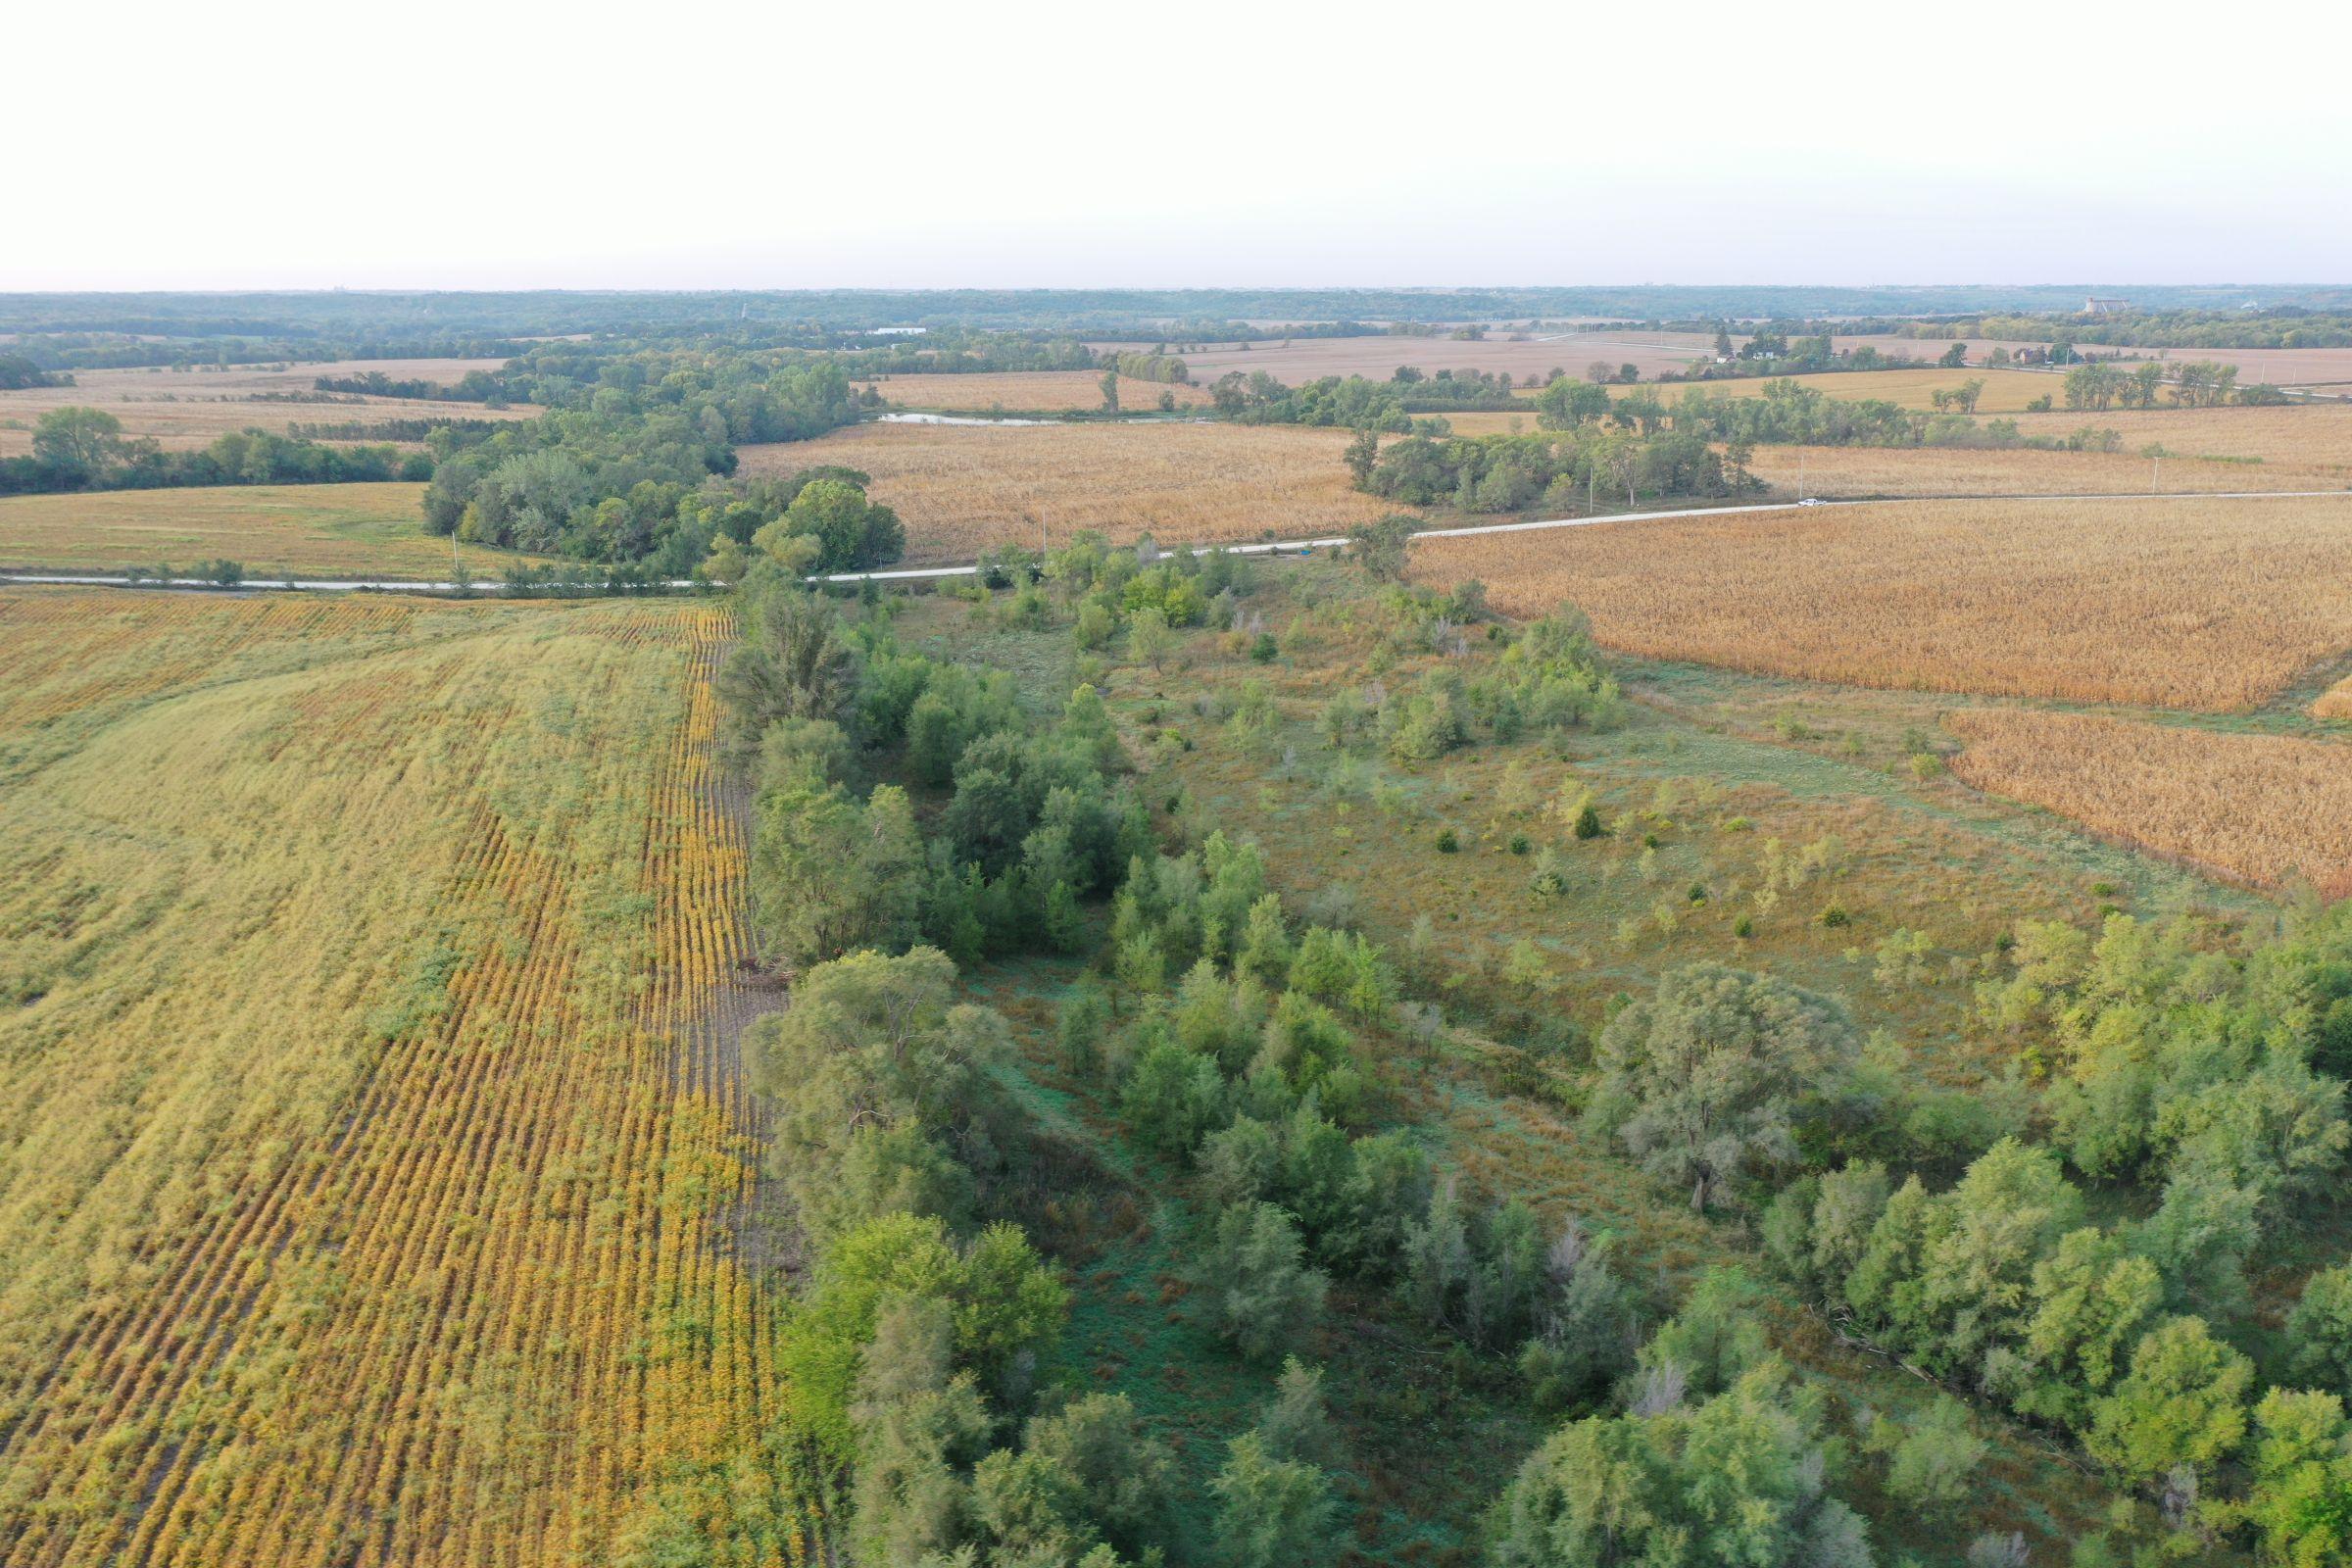 Dallas County Iowa Farmland for Sale